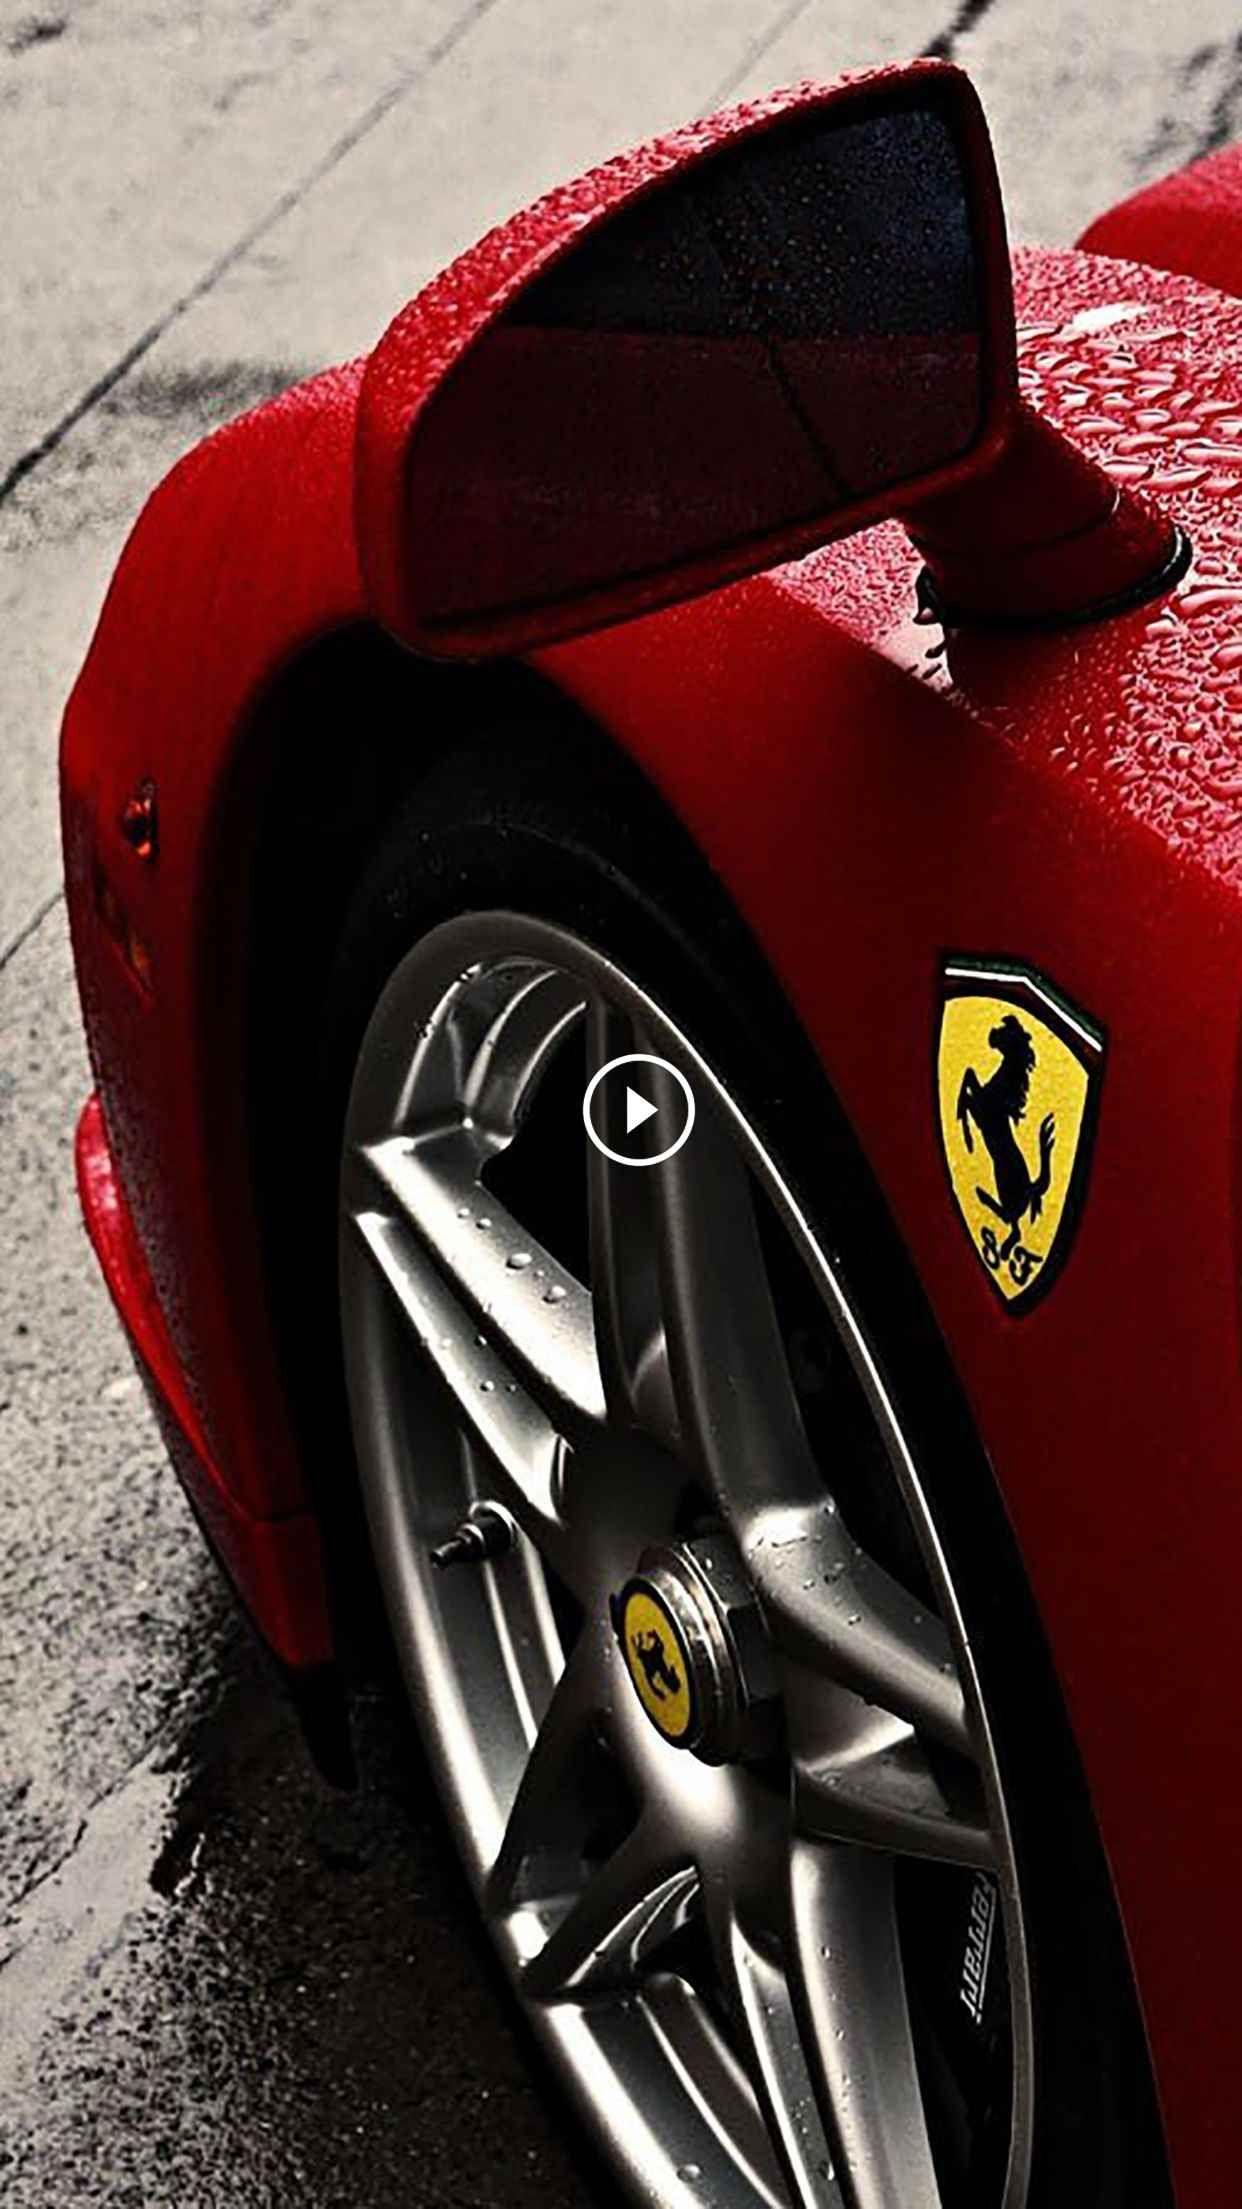 quot,quotgrid_descriptionquotquot[New] The 10 Best Home Decor (with Pictures) - Ferrari Laferrari